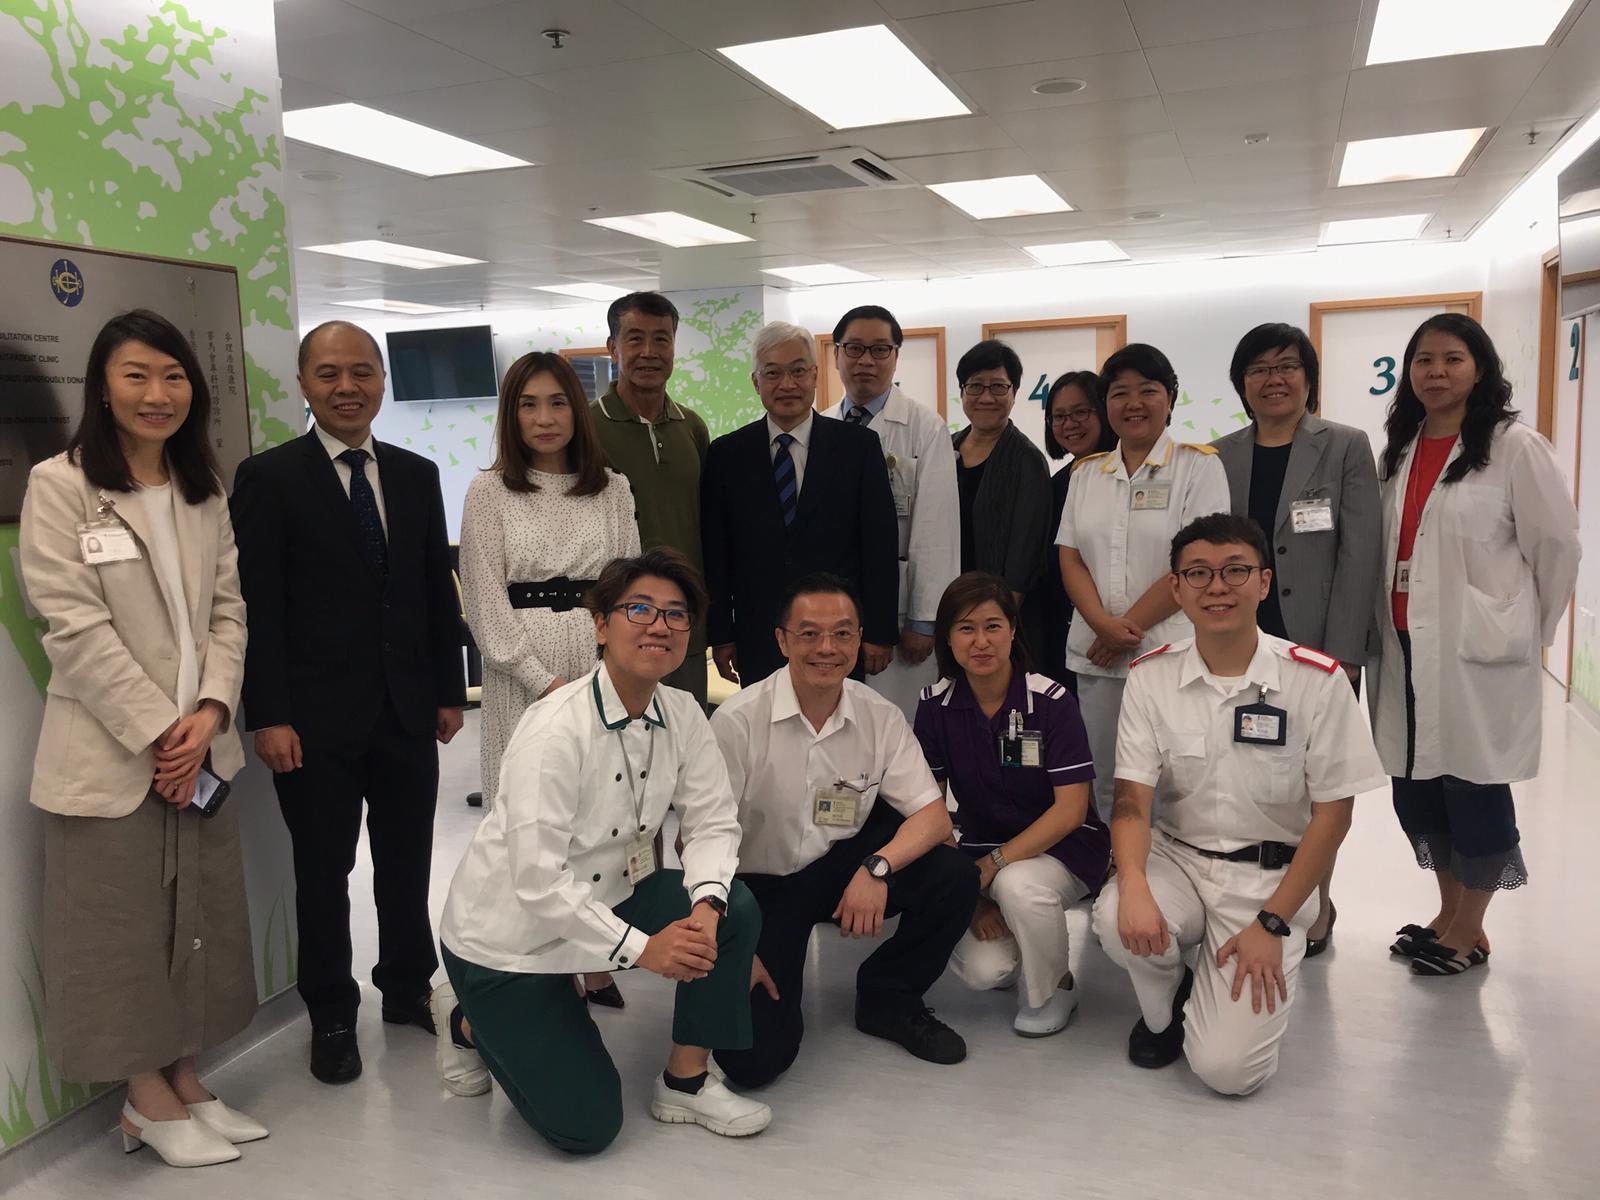 門診服務跨專科醫療團隊,以及病人葉先生(綠衣者)。